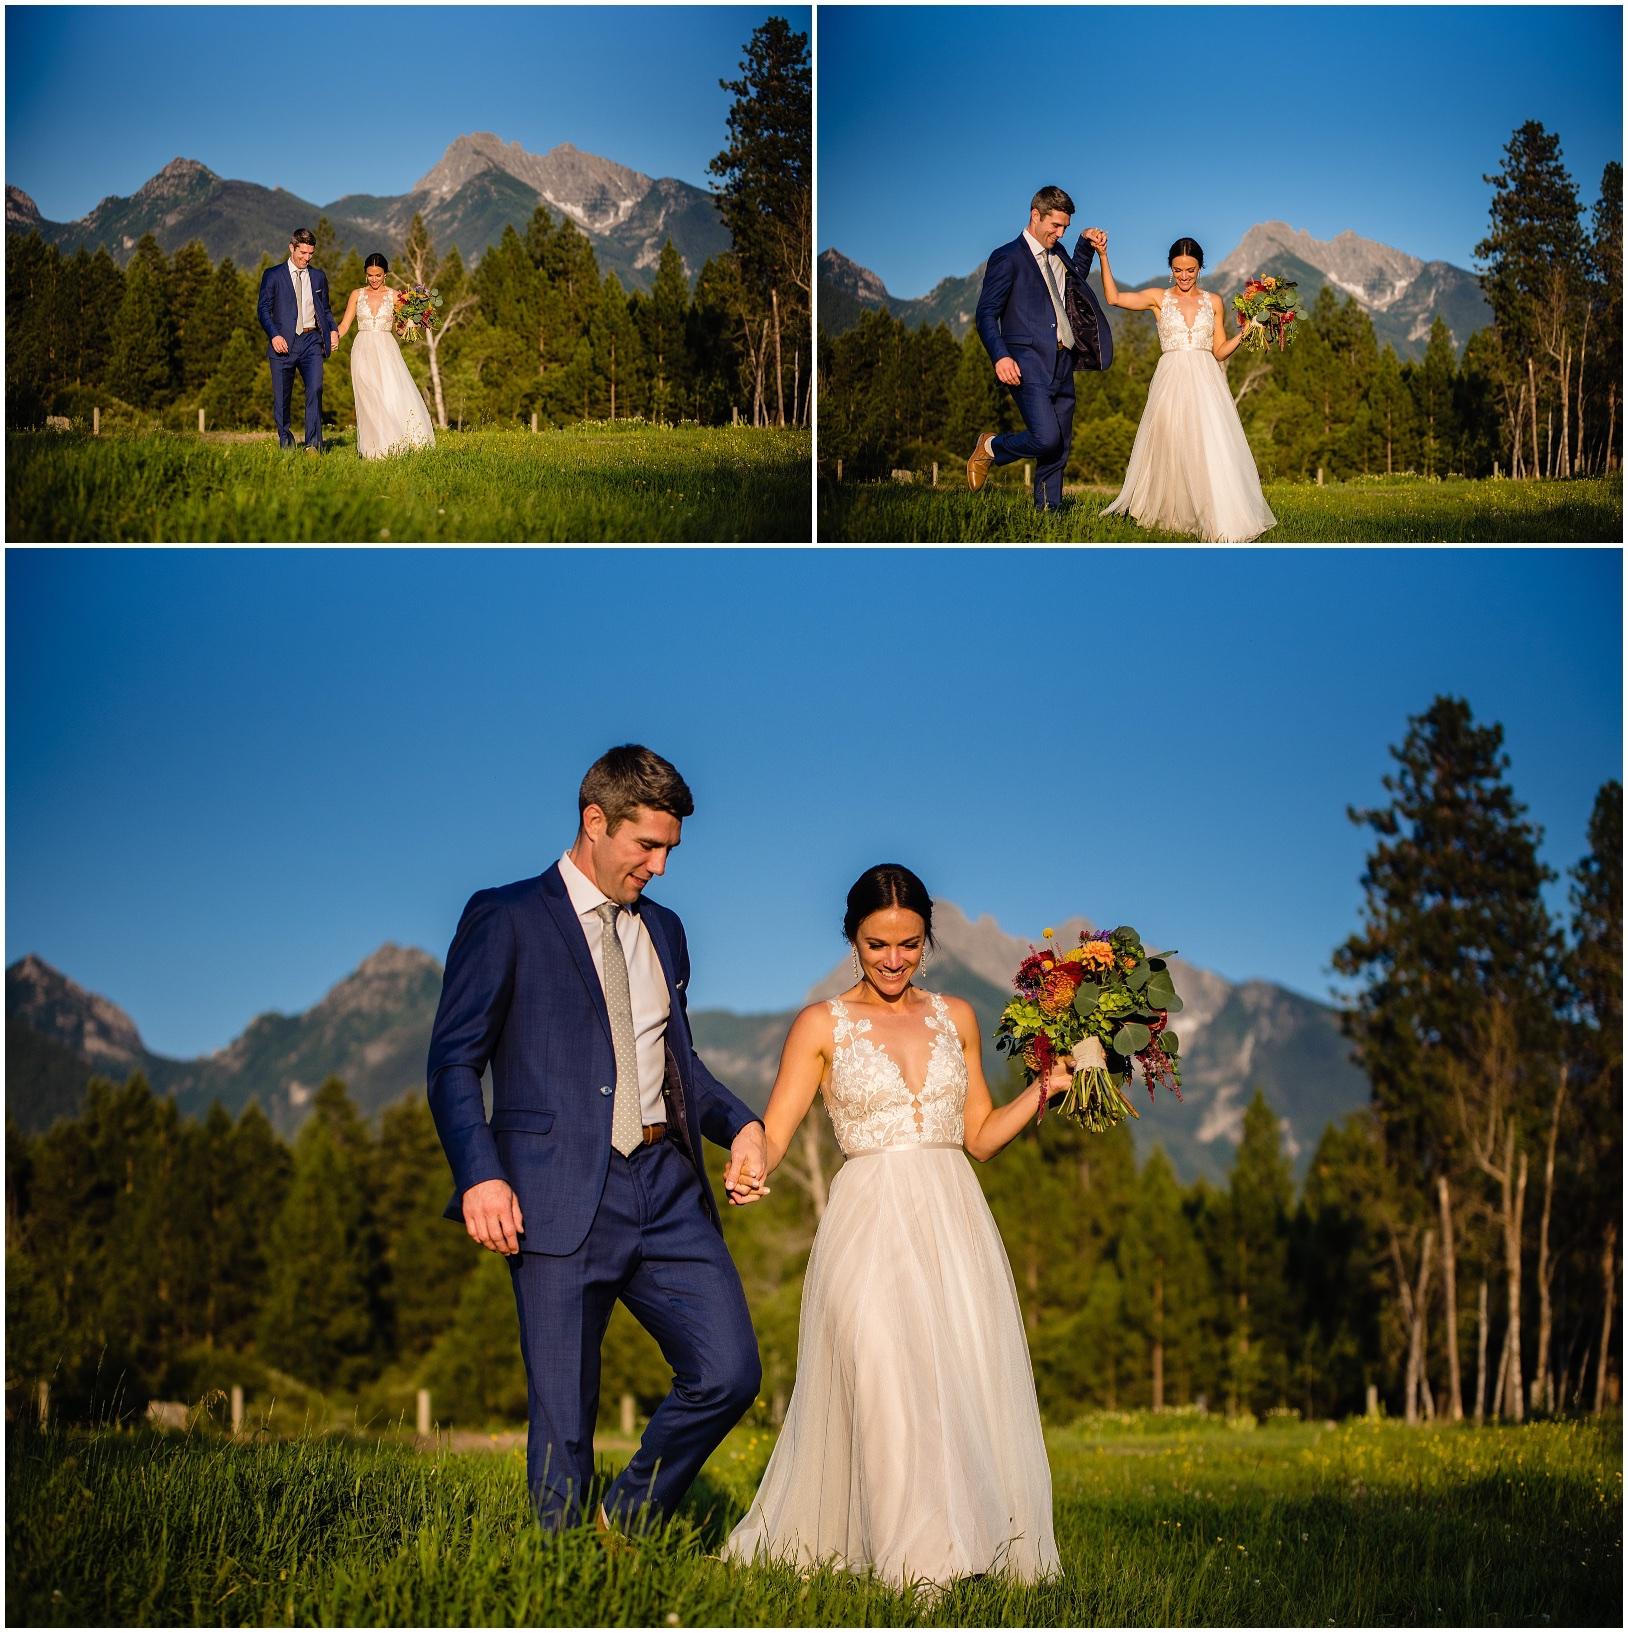 lindseyjane_weddings0122.jpg